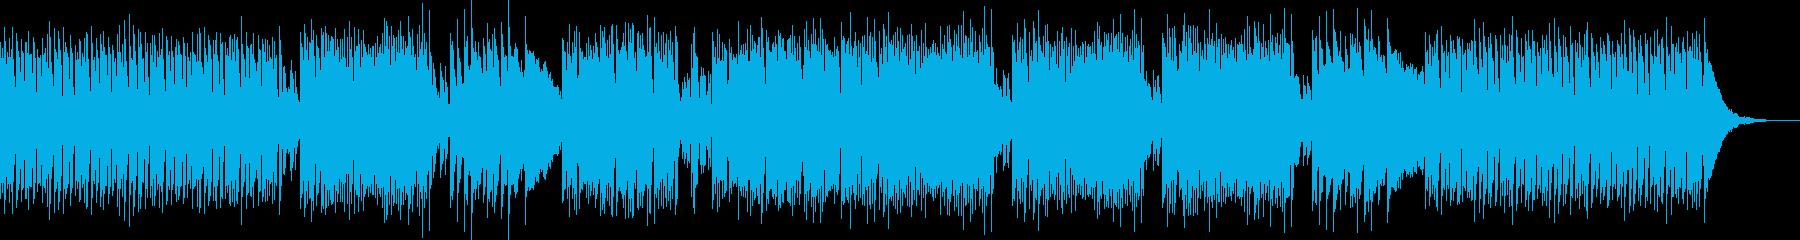 さわやかで明るい生演奏ギターのボサノバの再生済みの波形